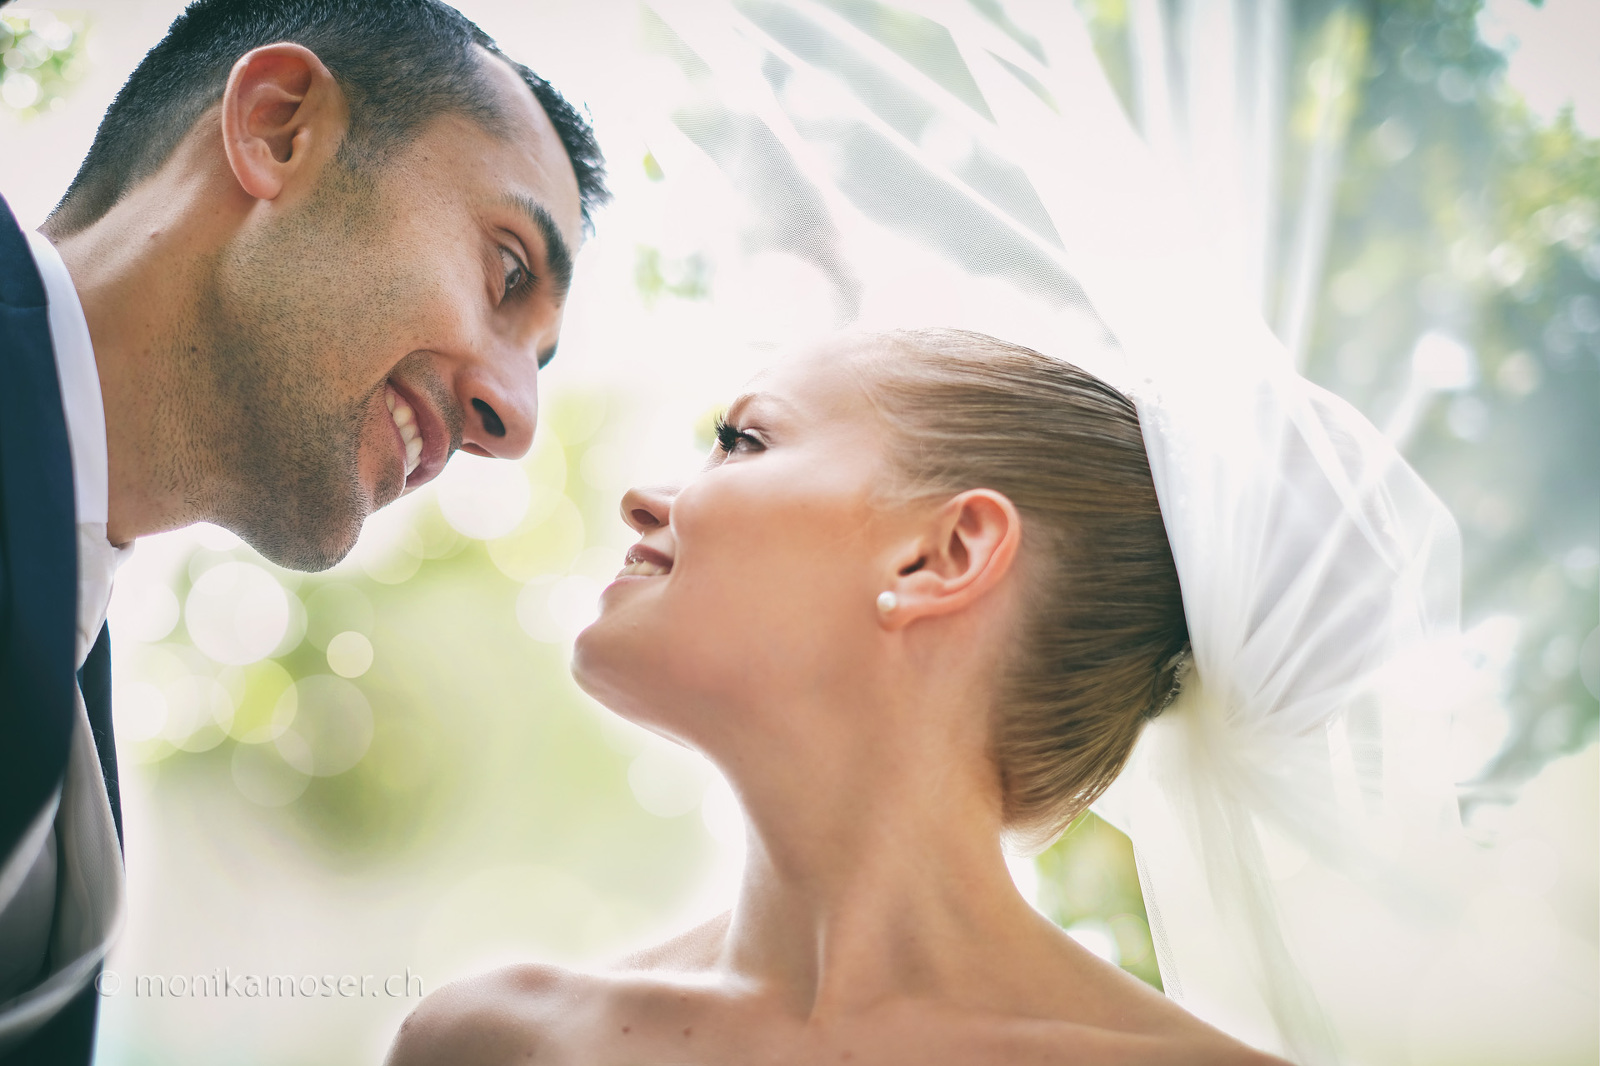 Fotograf Winterthur - Brautpaar Blick